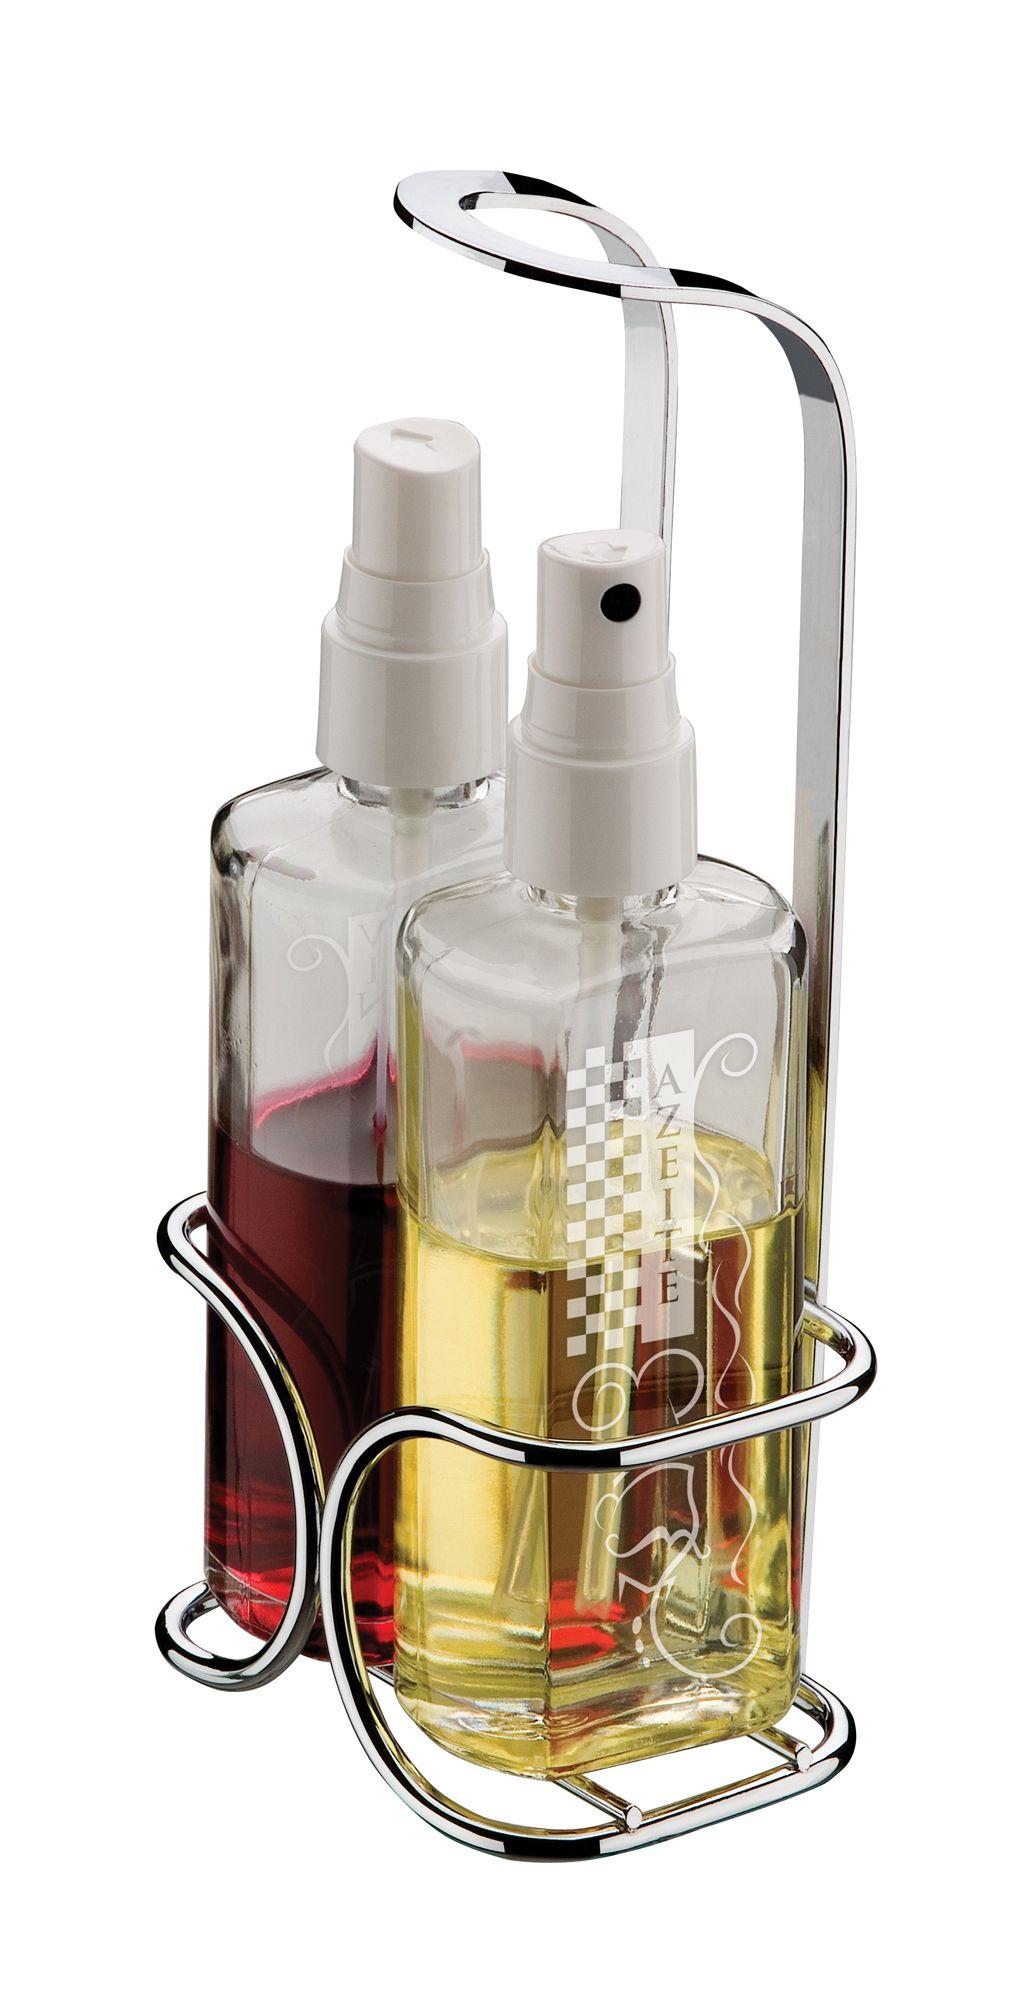 Galheteiro para Vinagre/Azeite Spray